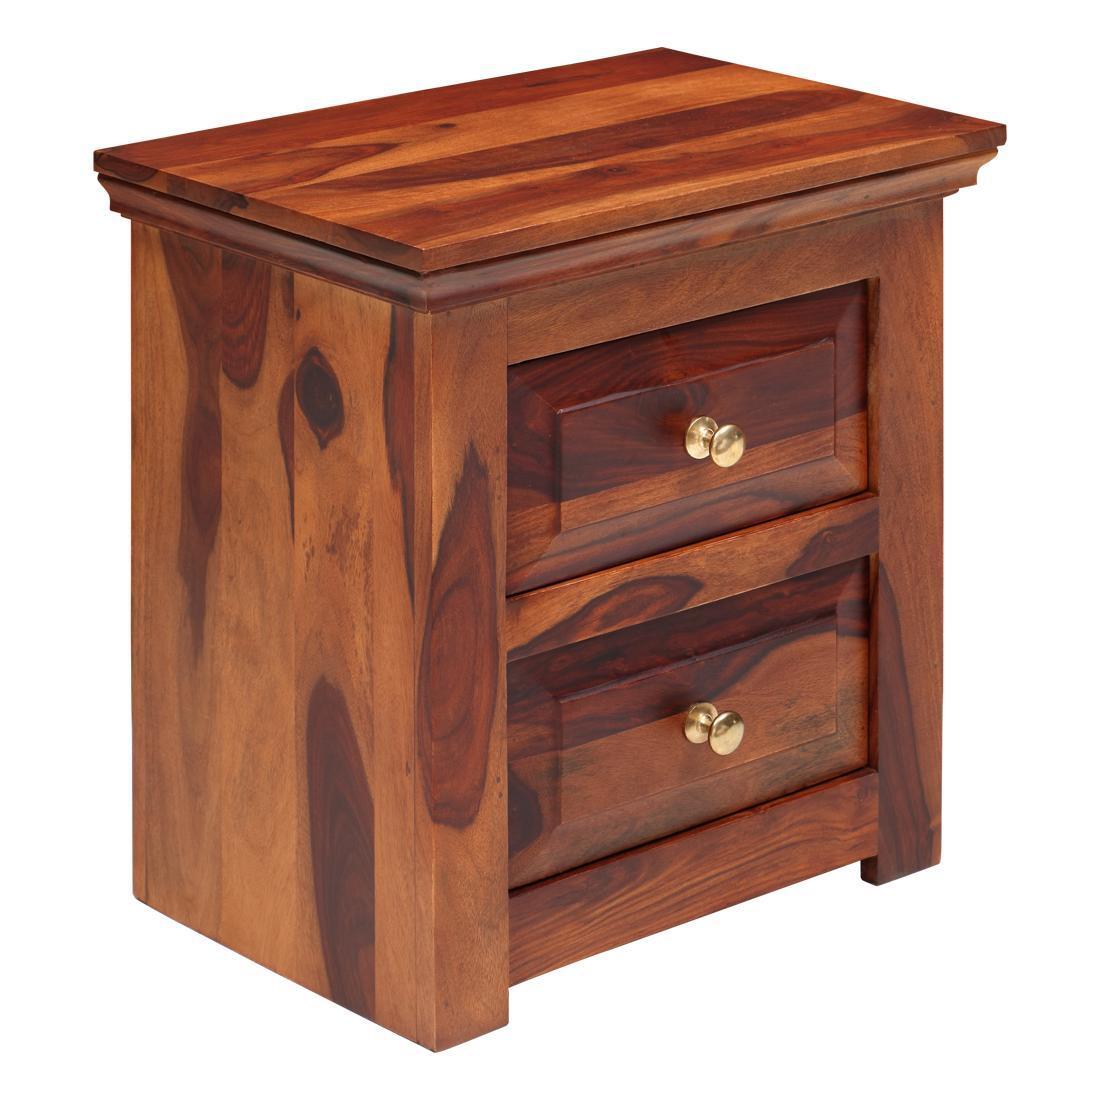 Solidwood Bedside Table- Teak